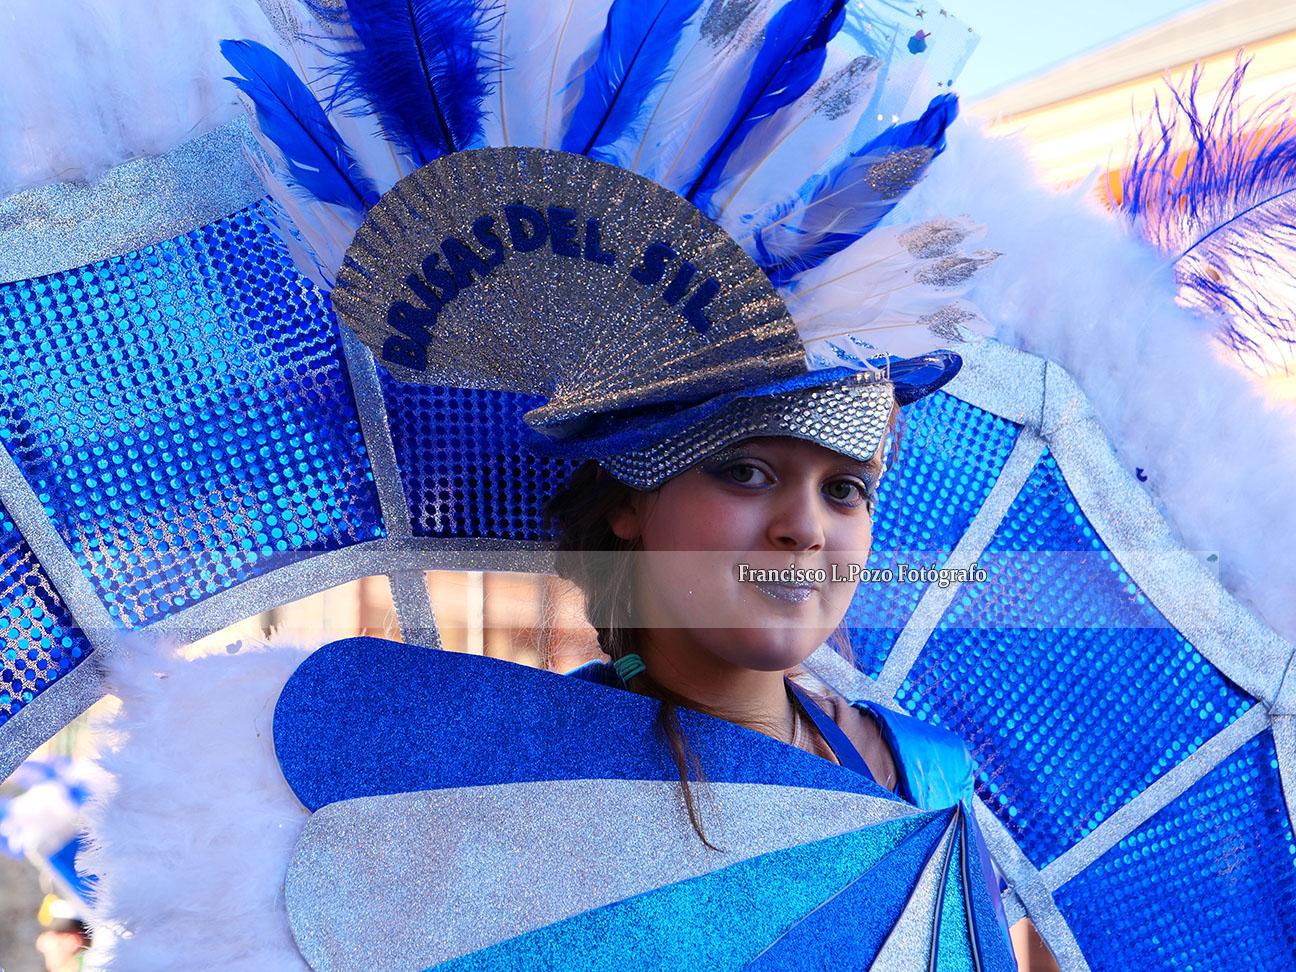 Carnaval 2020: Camponaraya sale a la calle a ritmo de comparsa 15